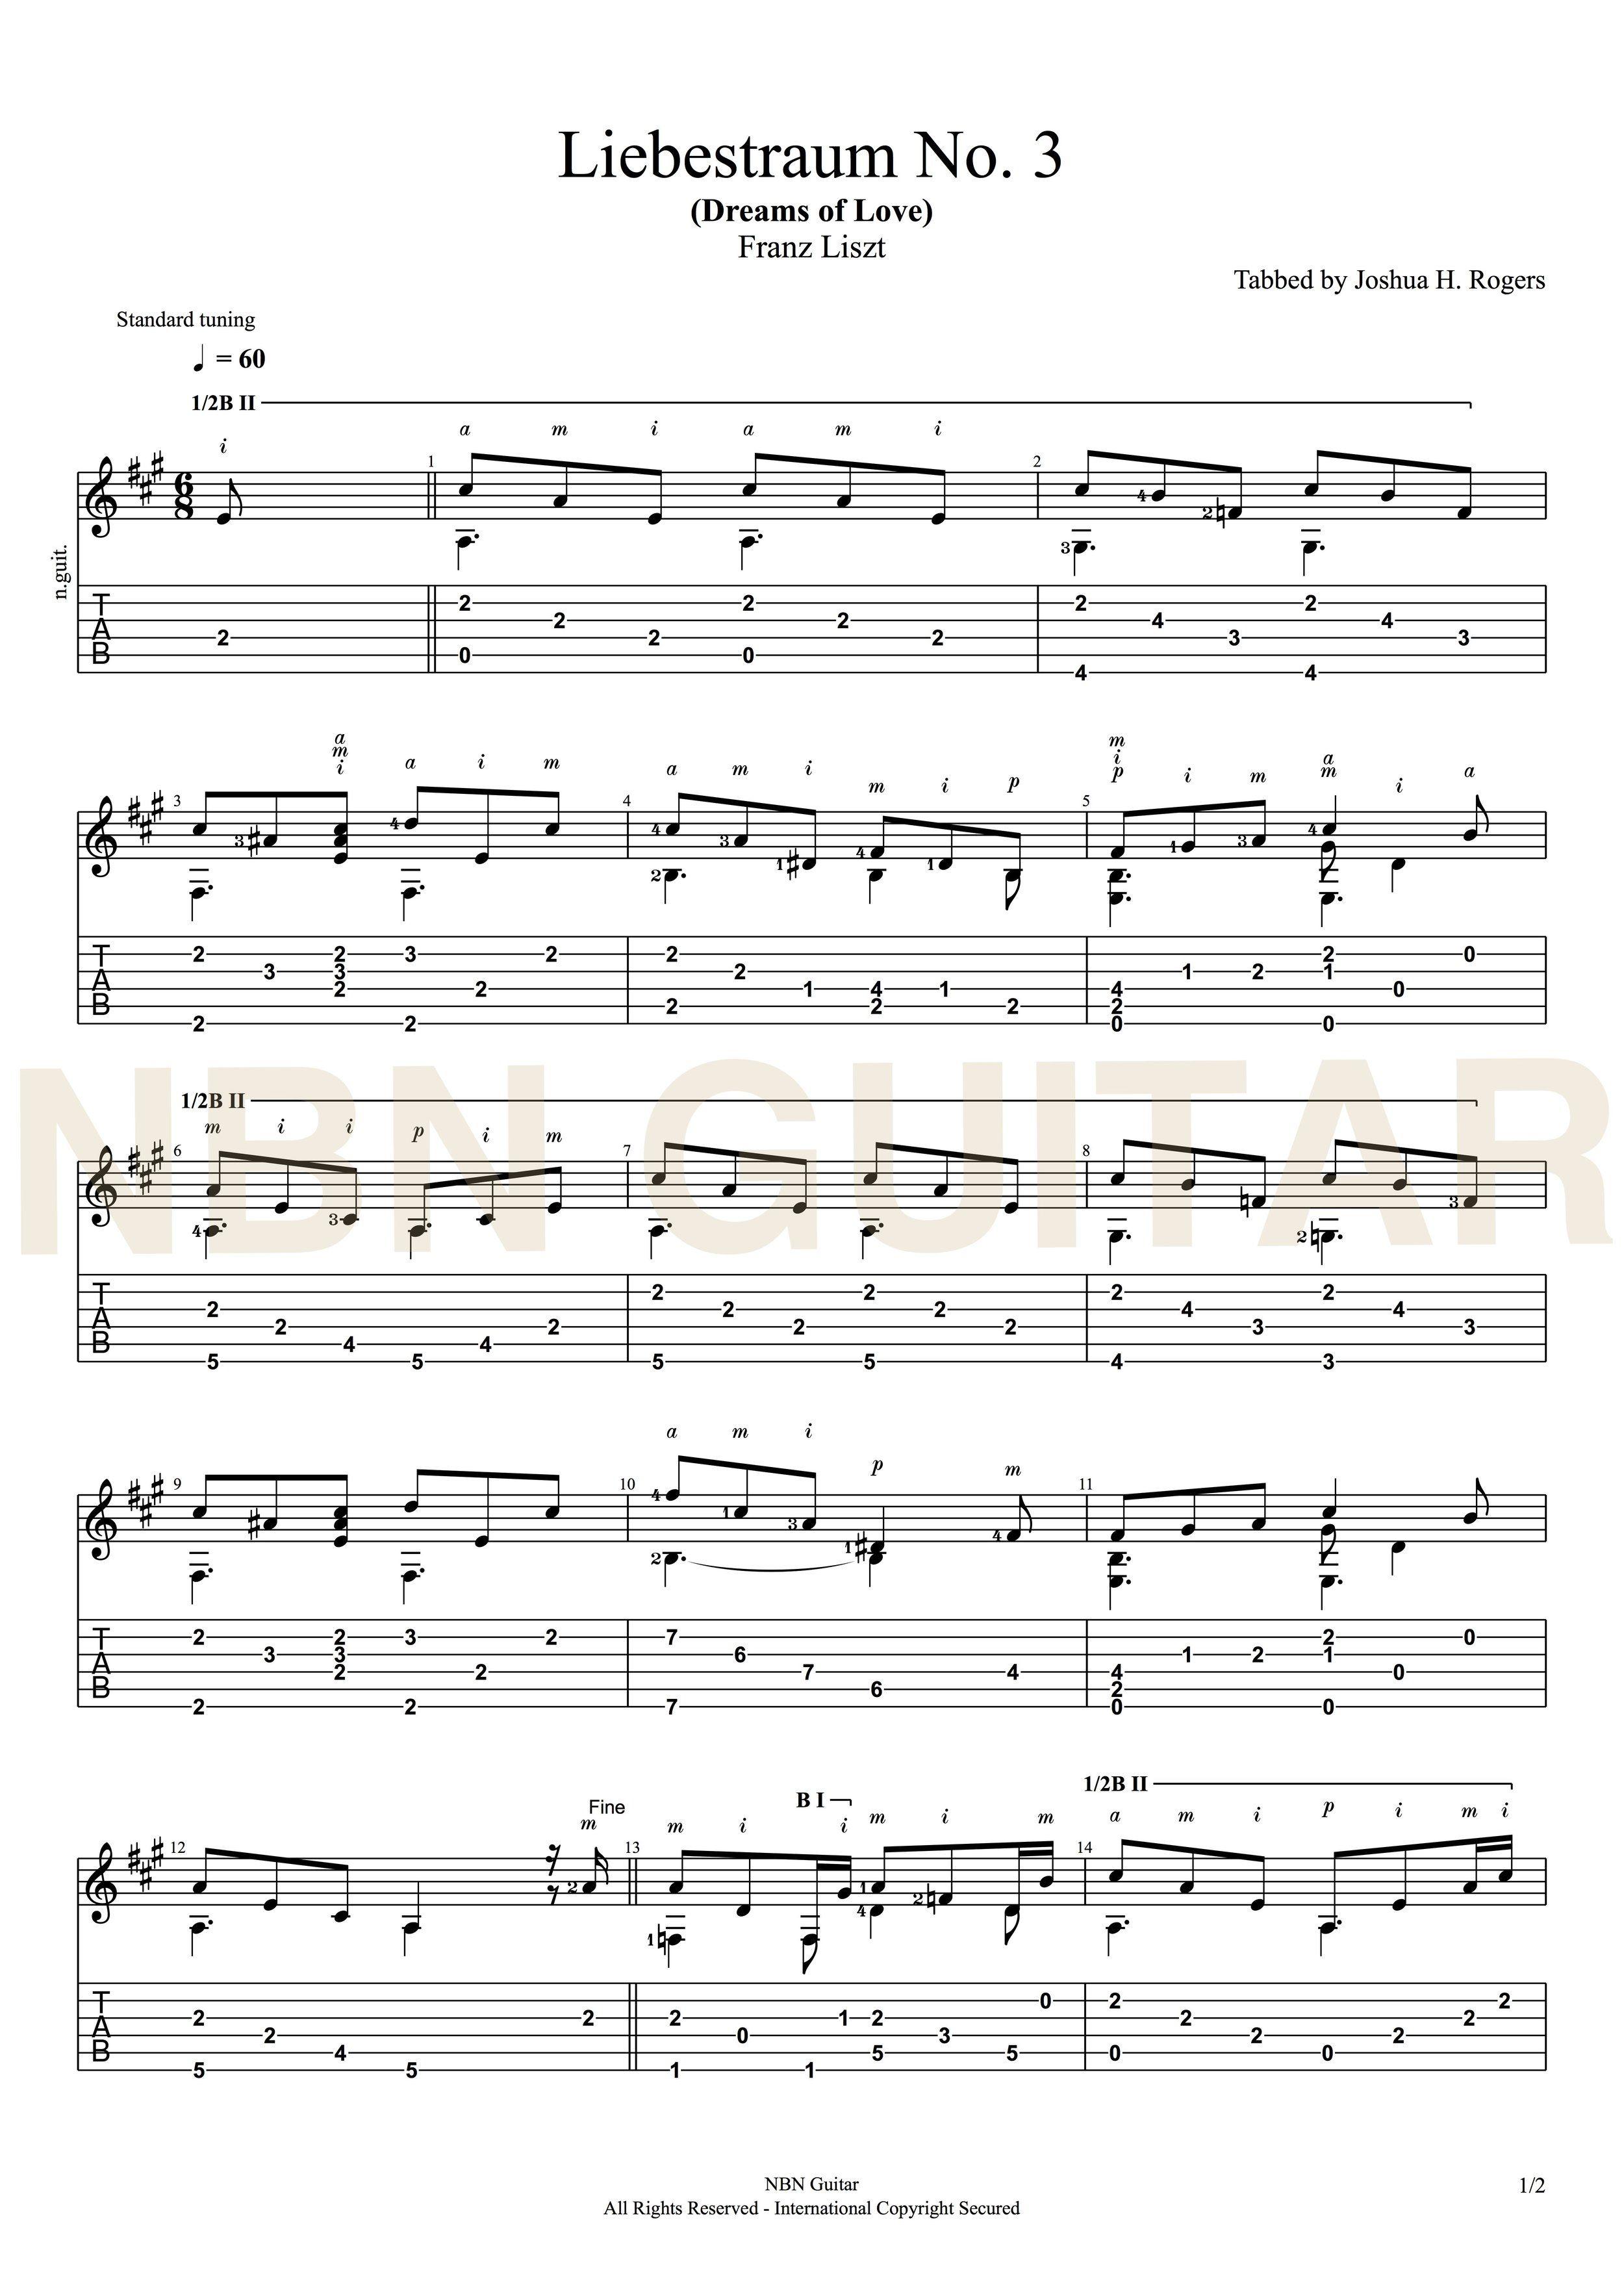 Liebestraum no 3 franz liszt sheet music tabs strings liebestraum no 3 franz liszt sheet music tabs hexwebz Image collections